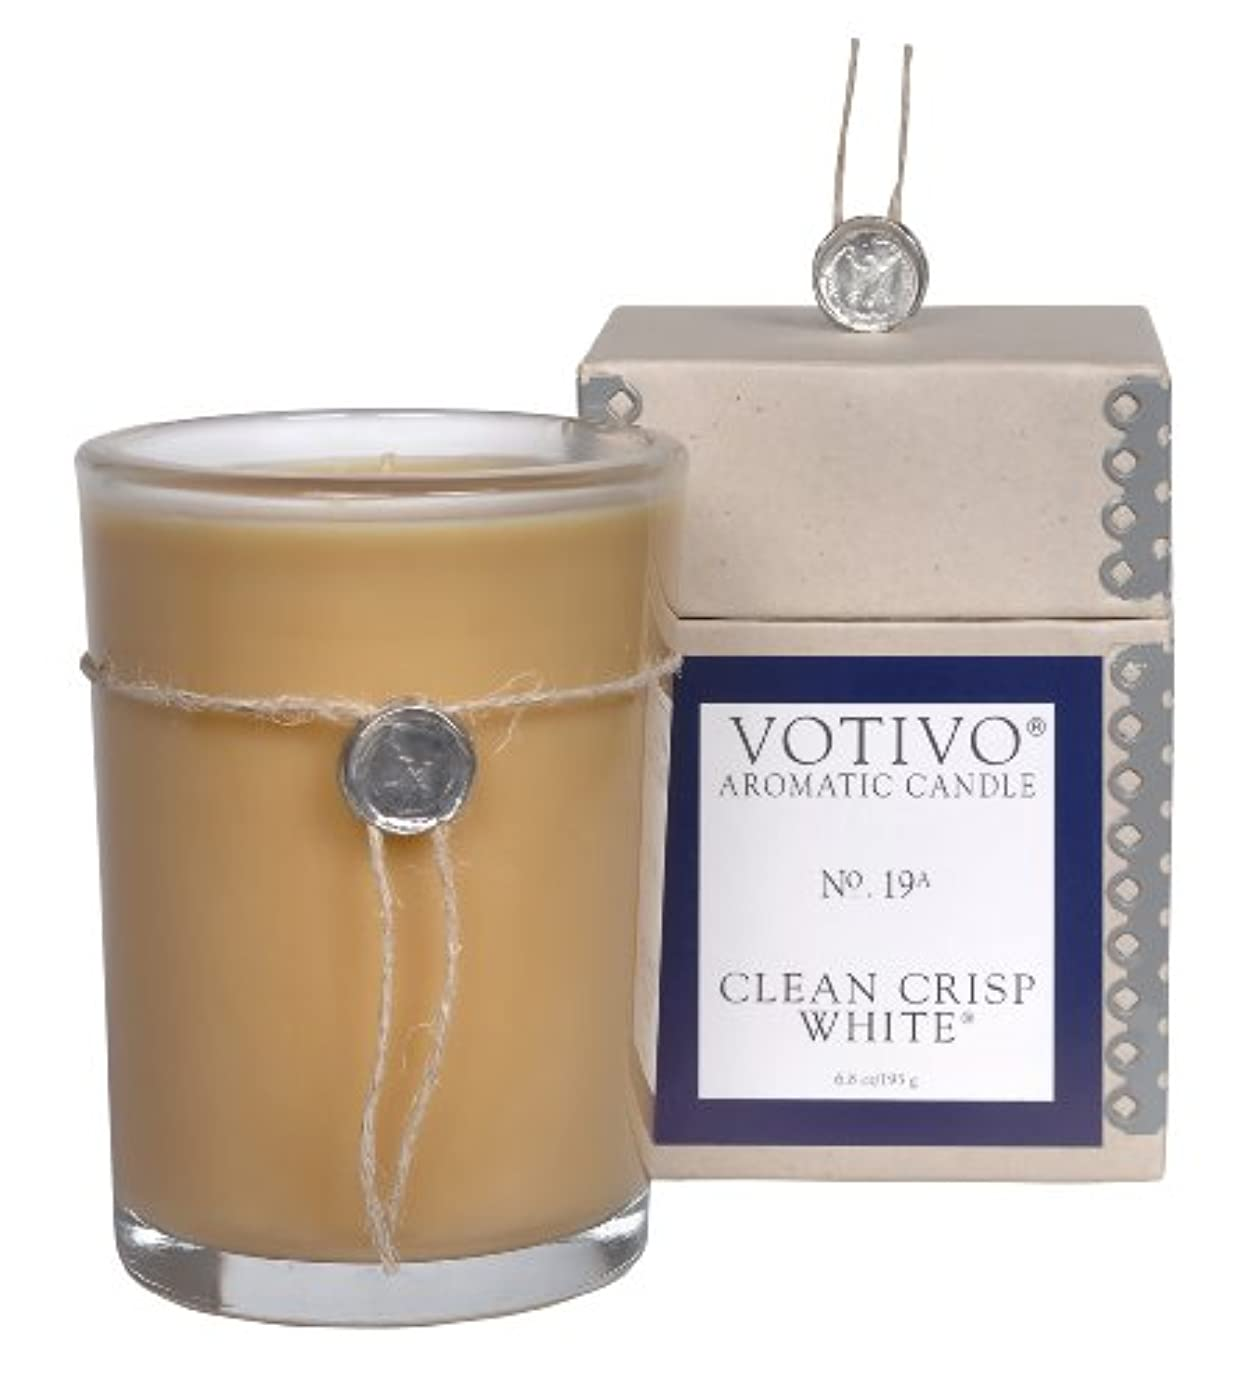 きょうだい限り変化するVOTIVO アロマティック グラスキャンドル クリーンクリスプホワイト